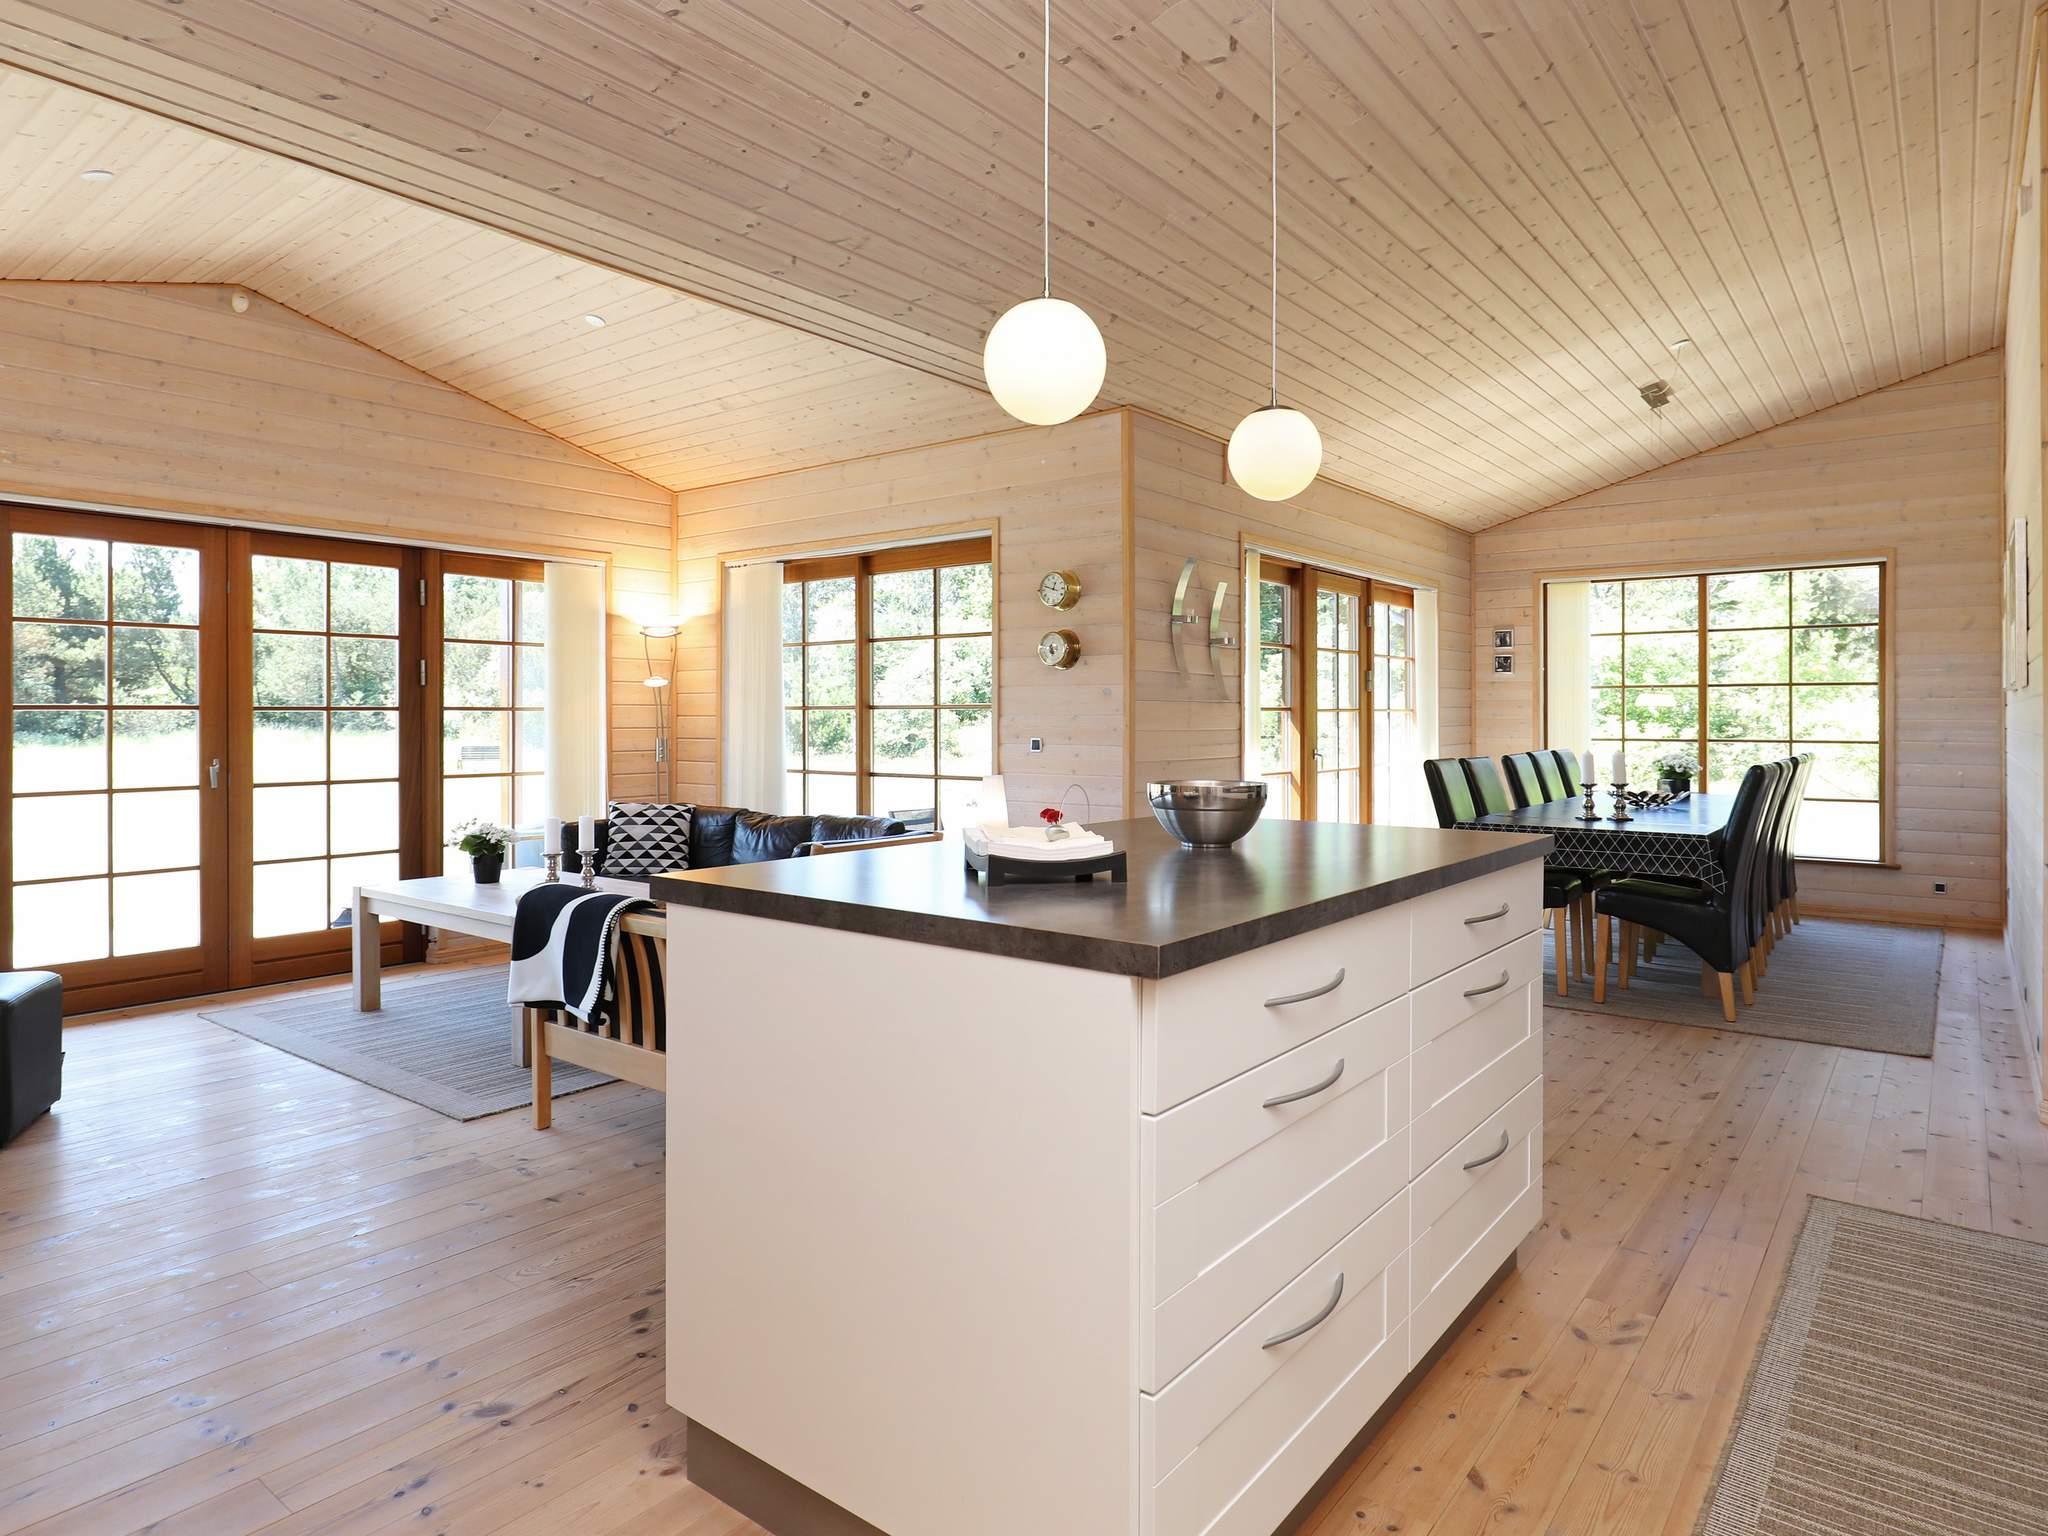 Ferienhaus Lodskovvad (404745), Lodskovvad, , Nordostjütland, Dänemark, Bild 2